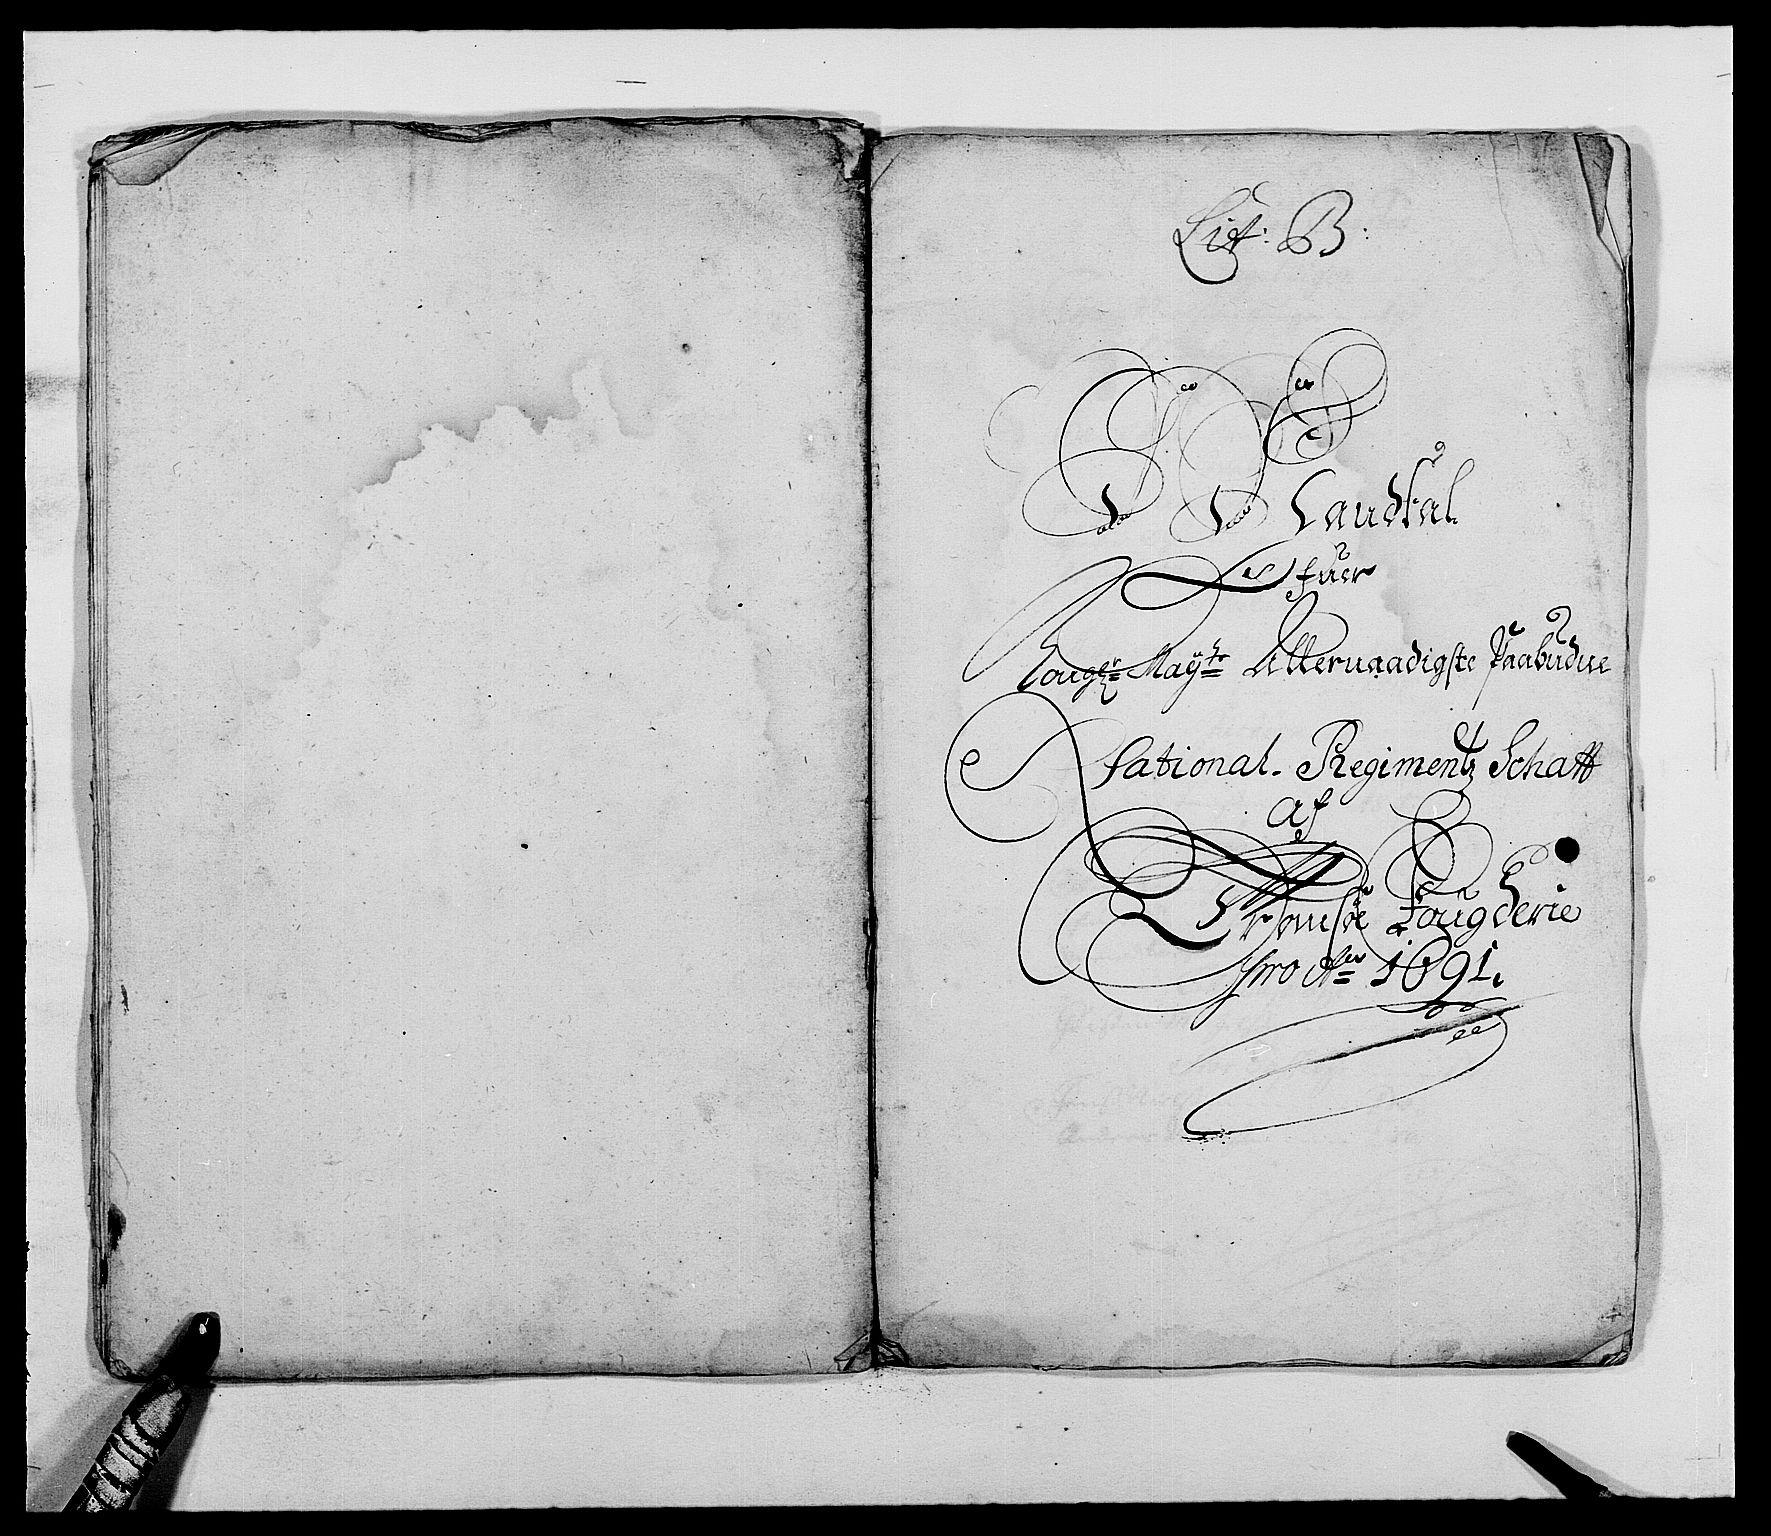 RA, Rentekammeret inntil 1814, Reviderte regnskaper, Fogderegnskap, R68/L4751: Fogderegnskap Senja og Troms, 1690-1693, s. 87